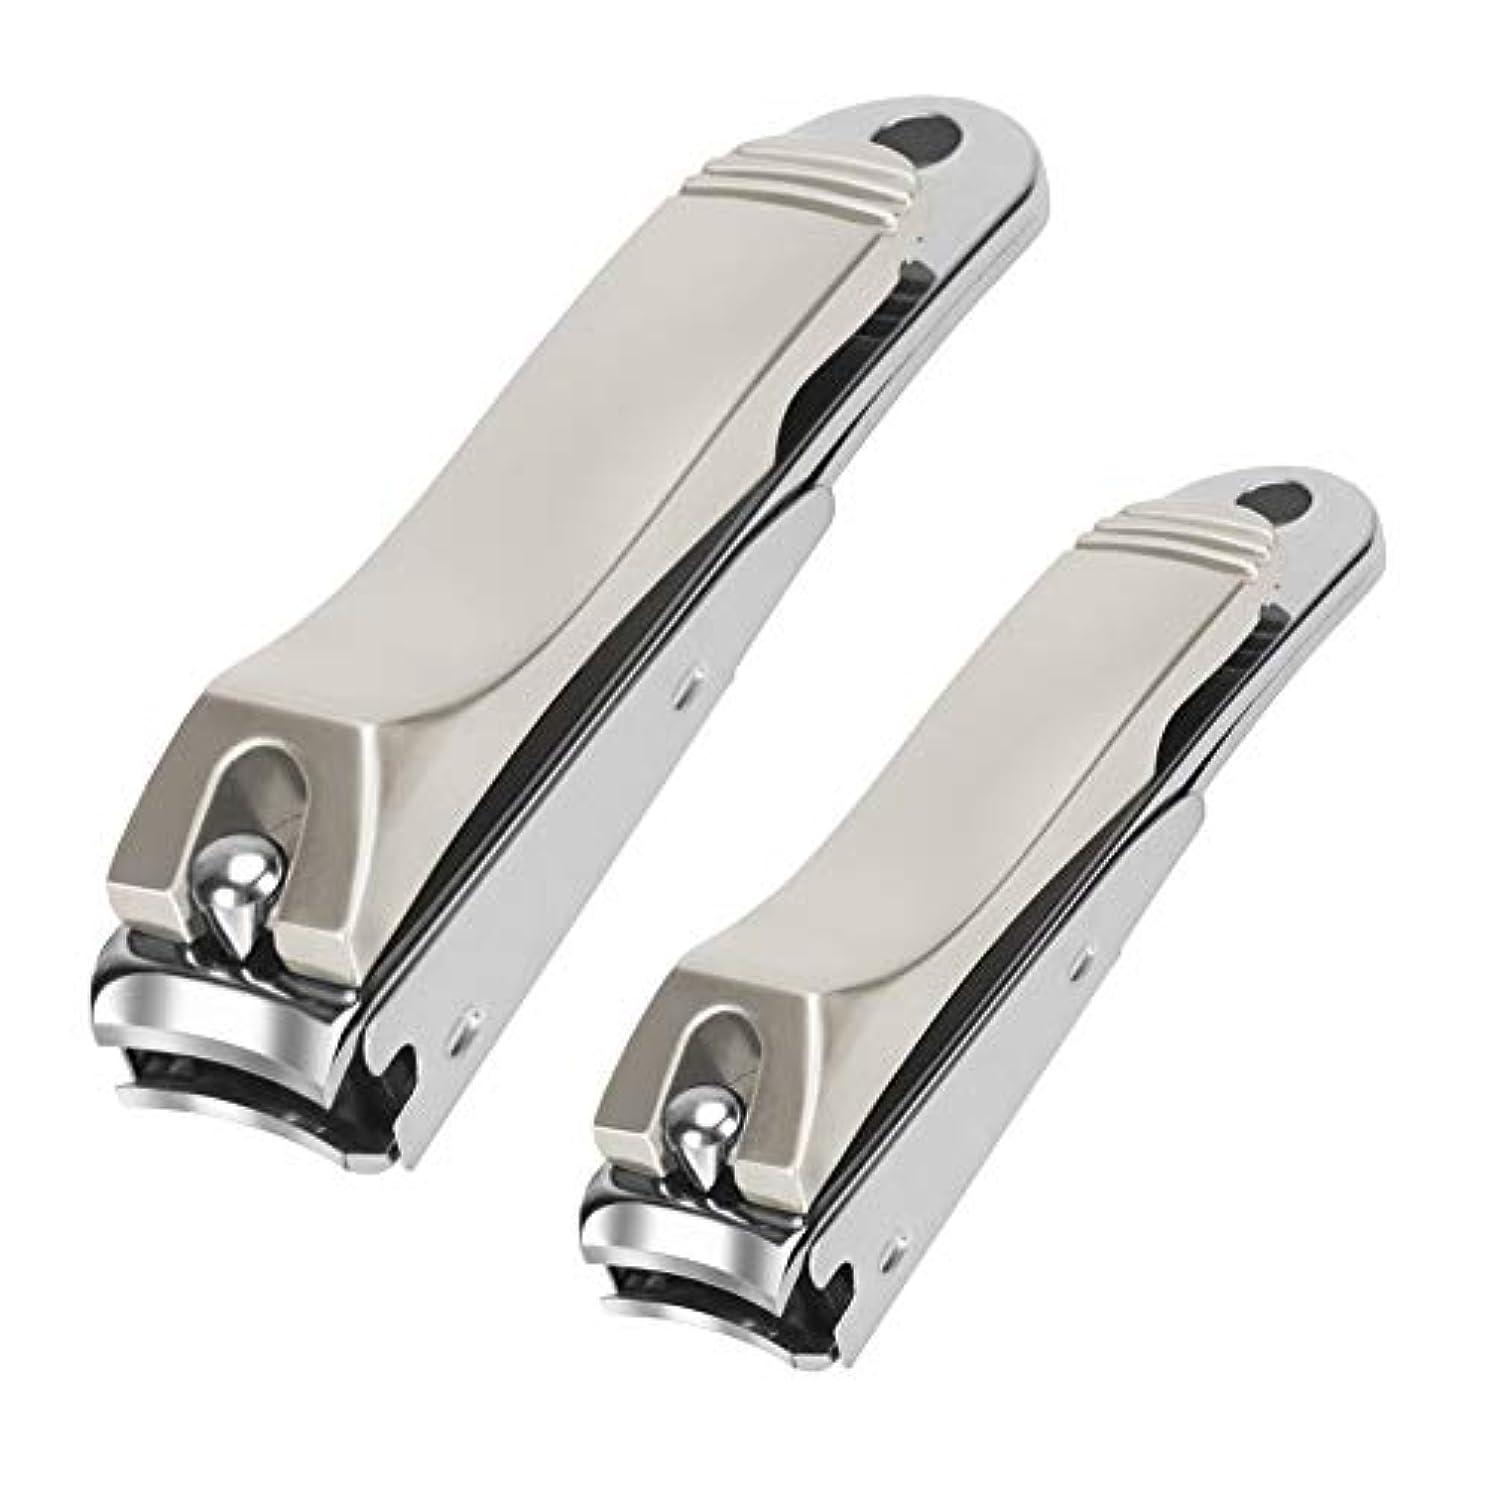 と無一文創造Qpai爪切り カバー付き ステンレス鋼製 爪やすり付き 飛び散り防止